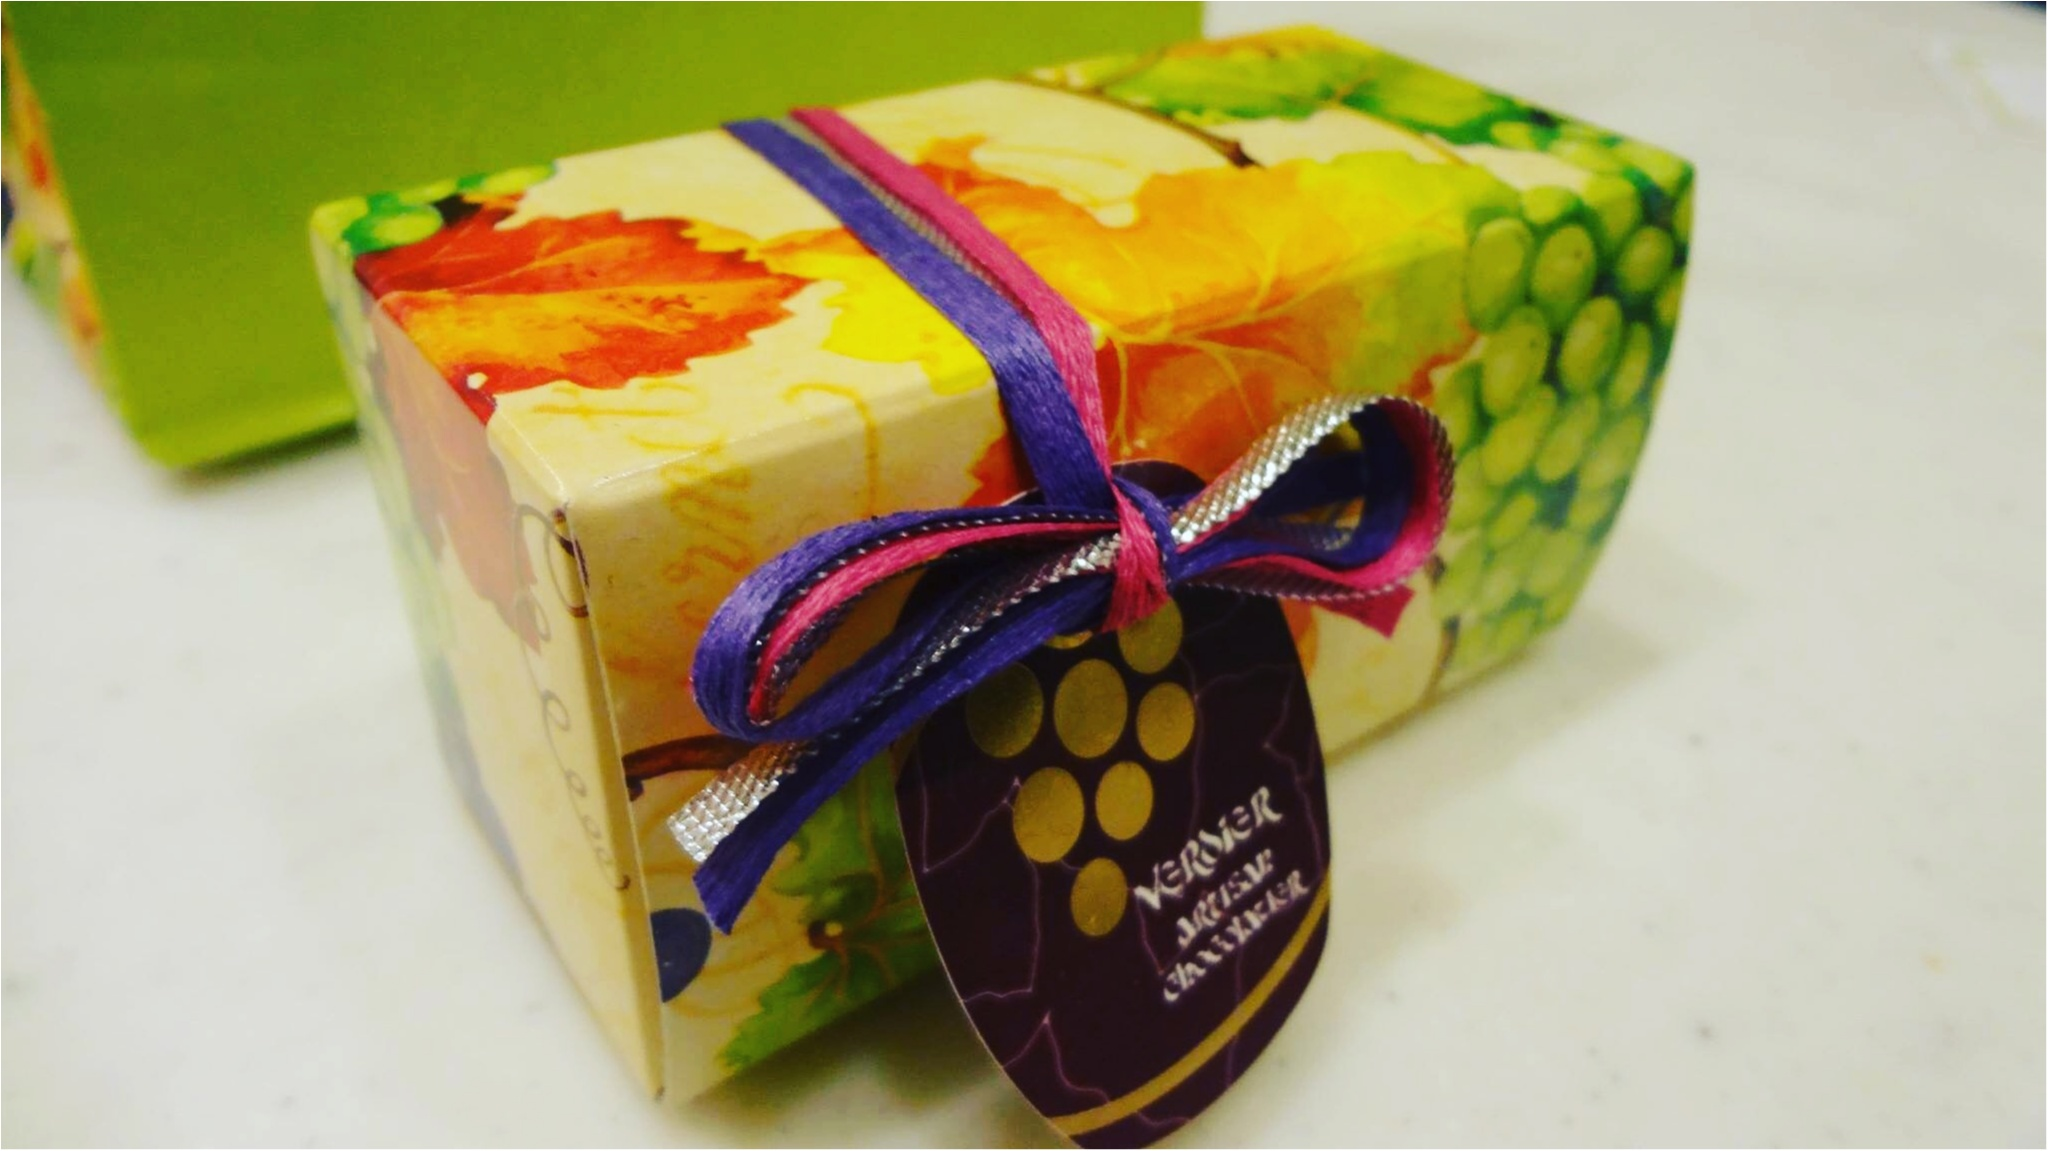 【ワインのように熟成するチョコレート!?】ボルドー産の最高級ワインに漬け込んだ〇〇〇〇をチョコでコーティング✨≪samenyan≫_7